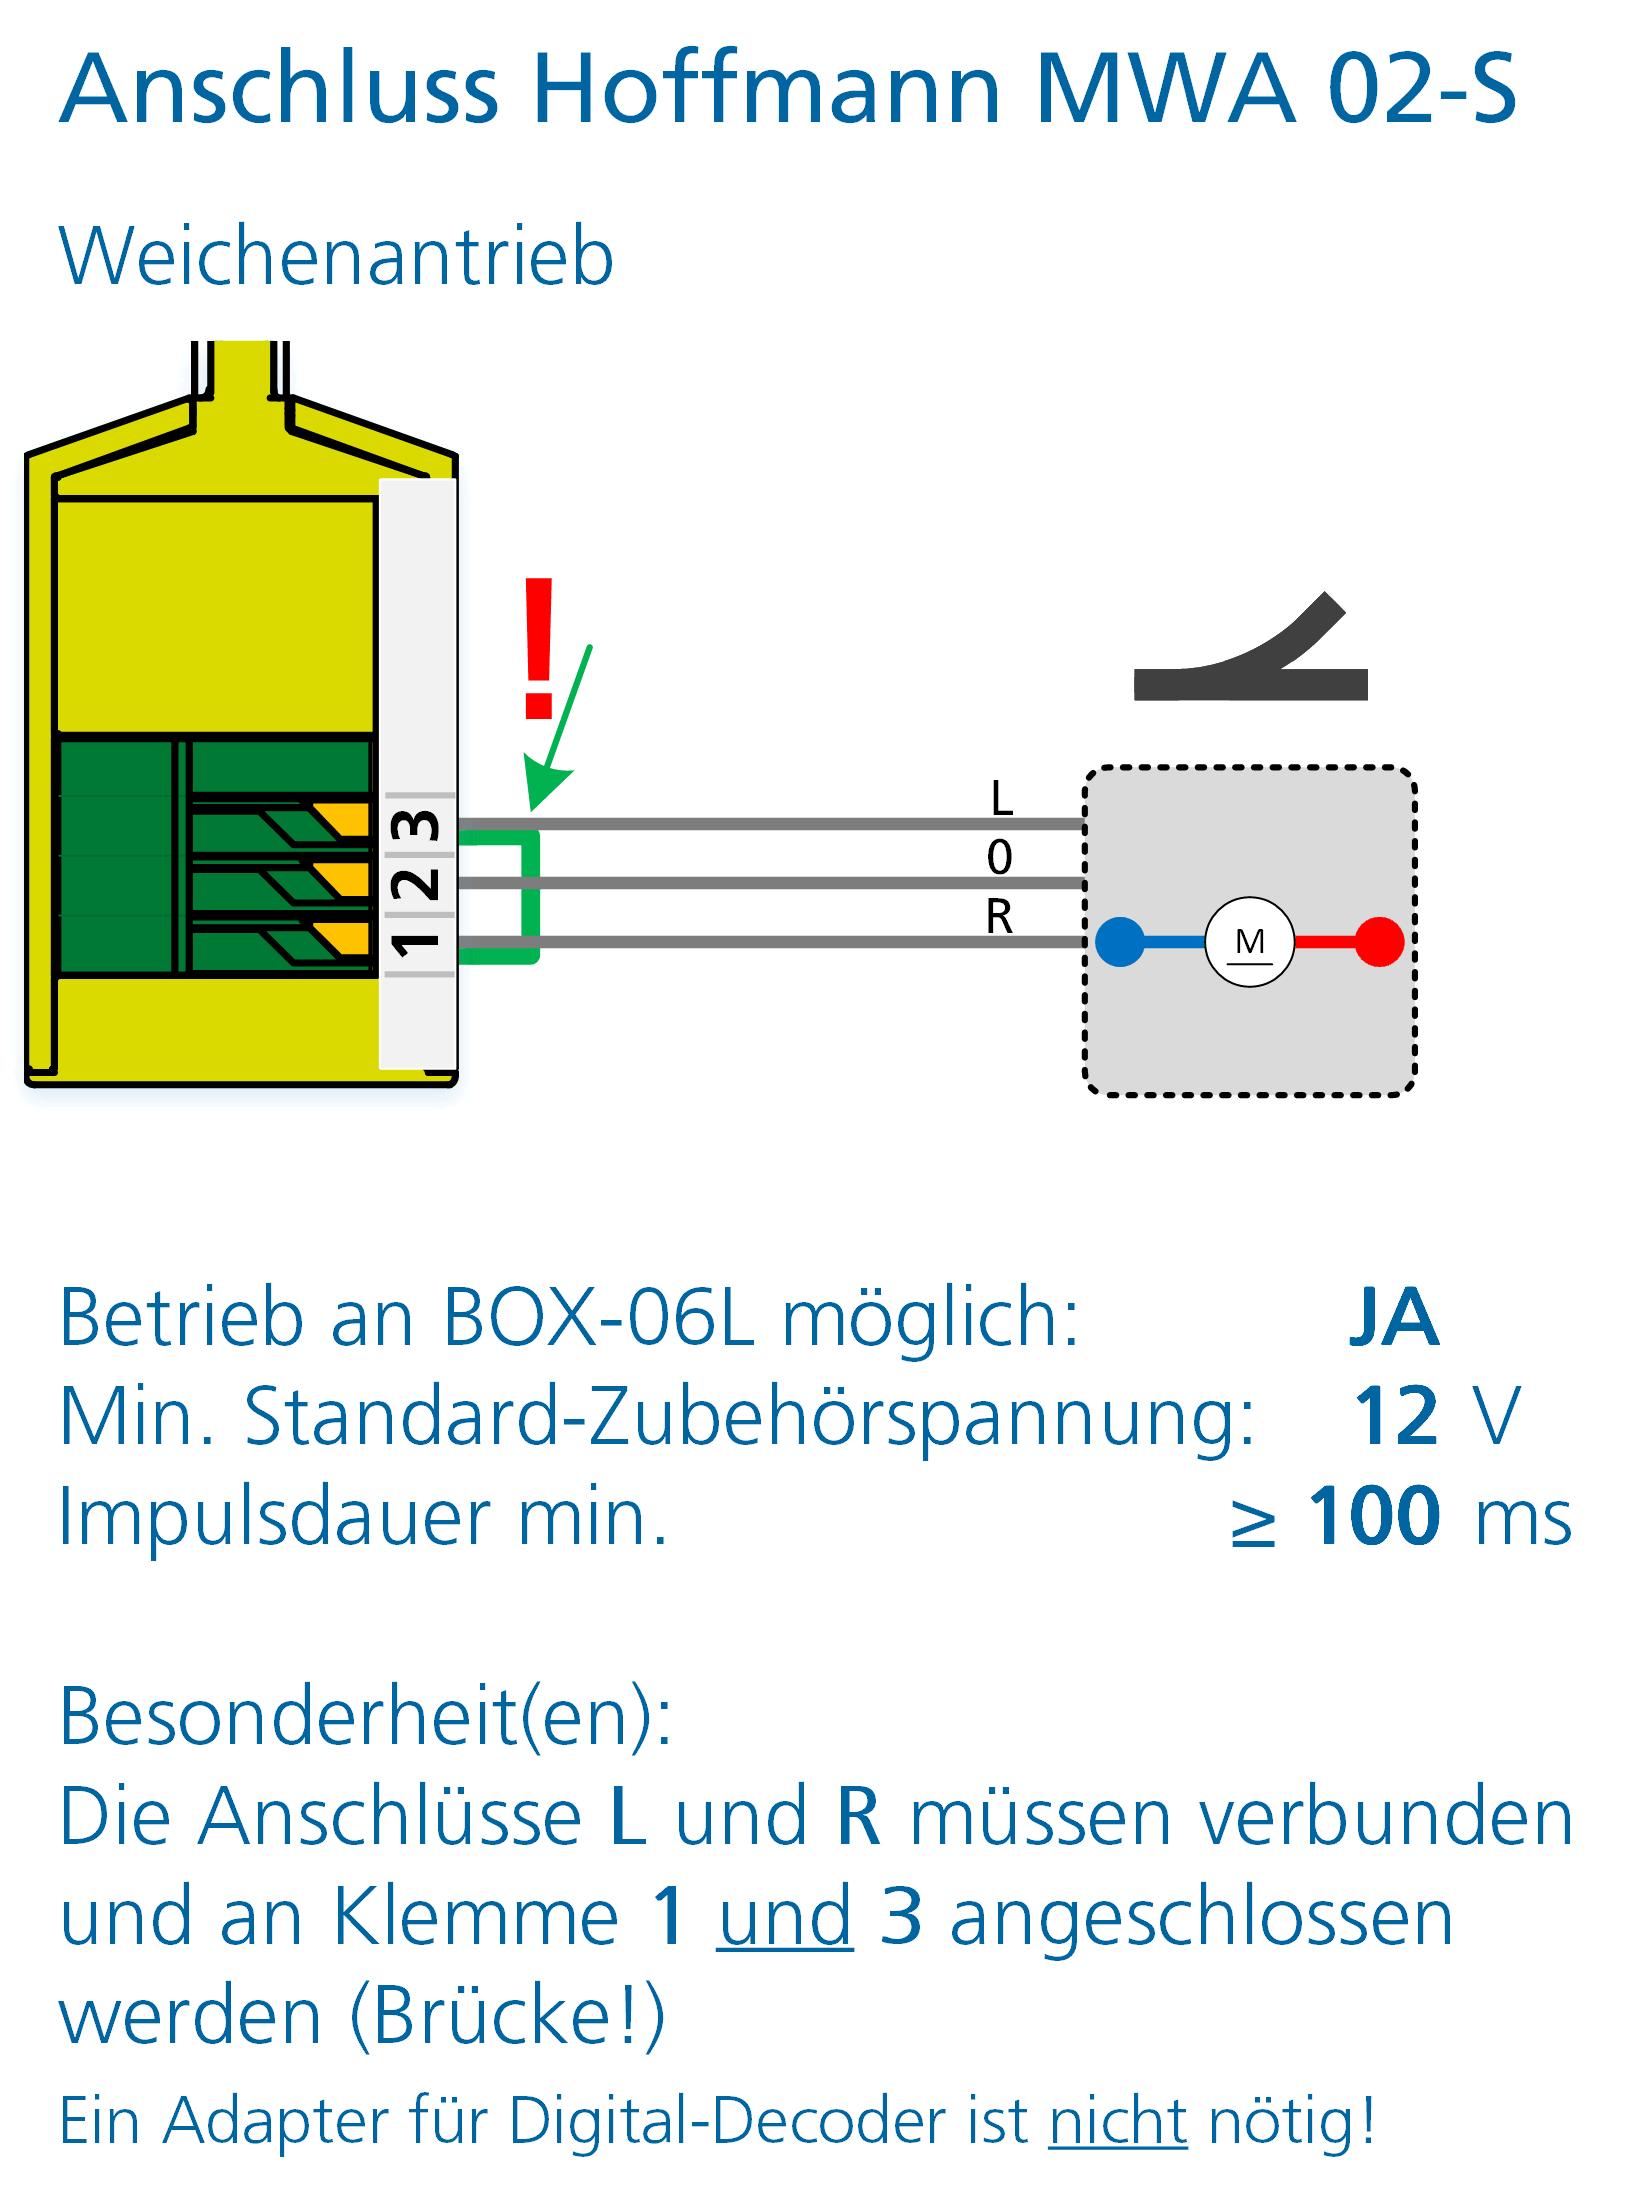 ALAN Adapter BRIDGE-03L Artikel-Nummer 18032 Anschlussbeispiel Hoffmann Weichenantrieb